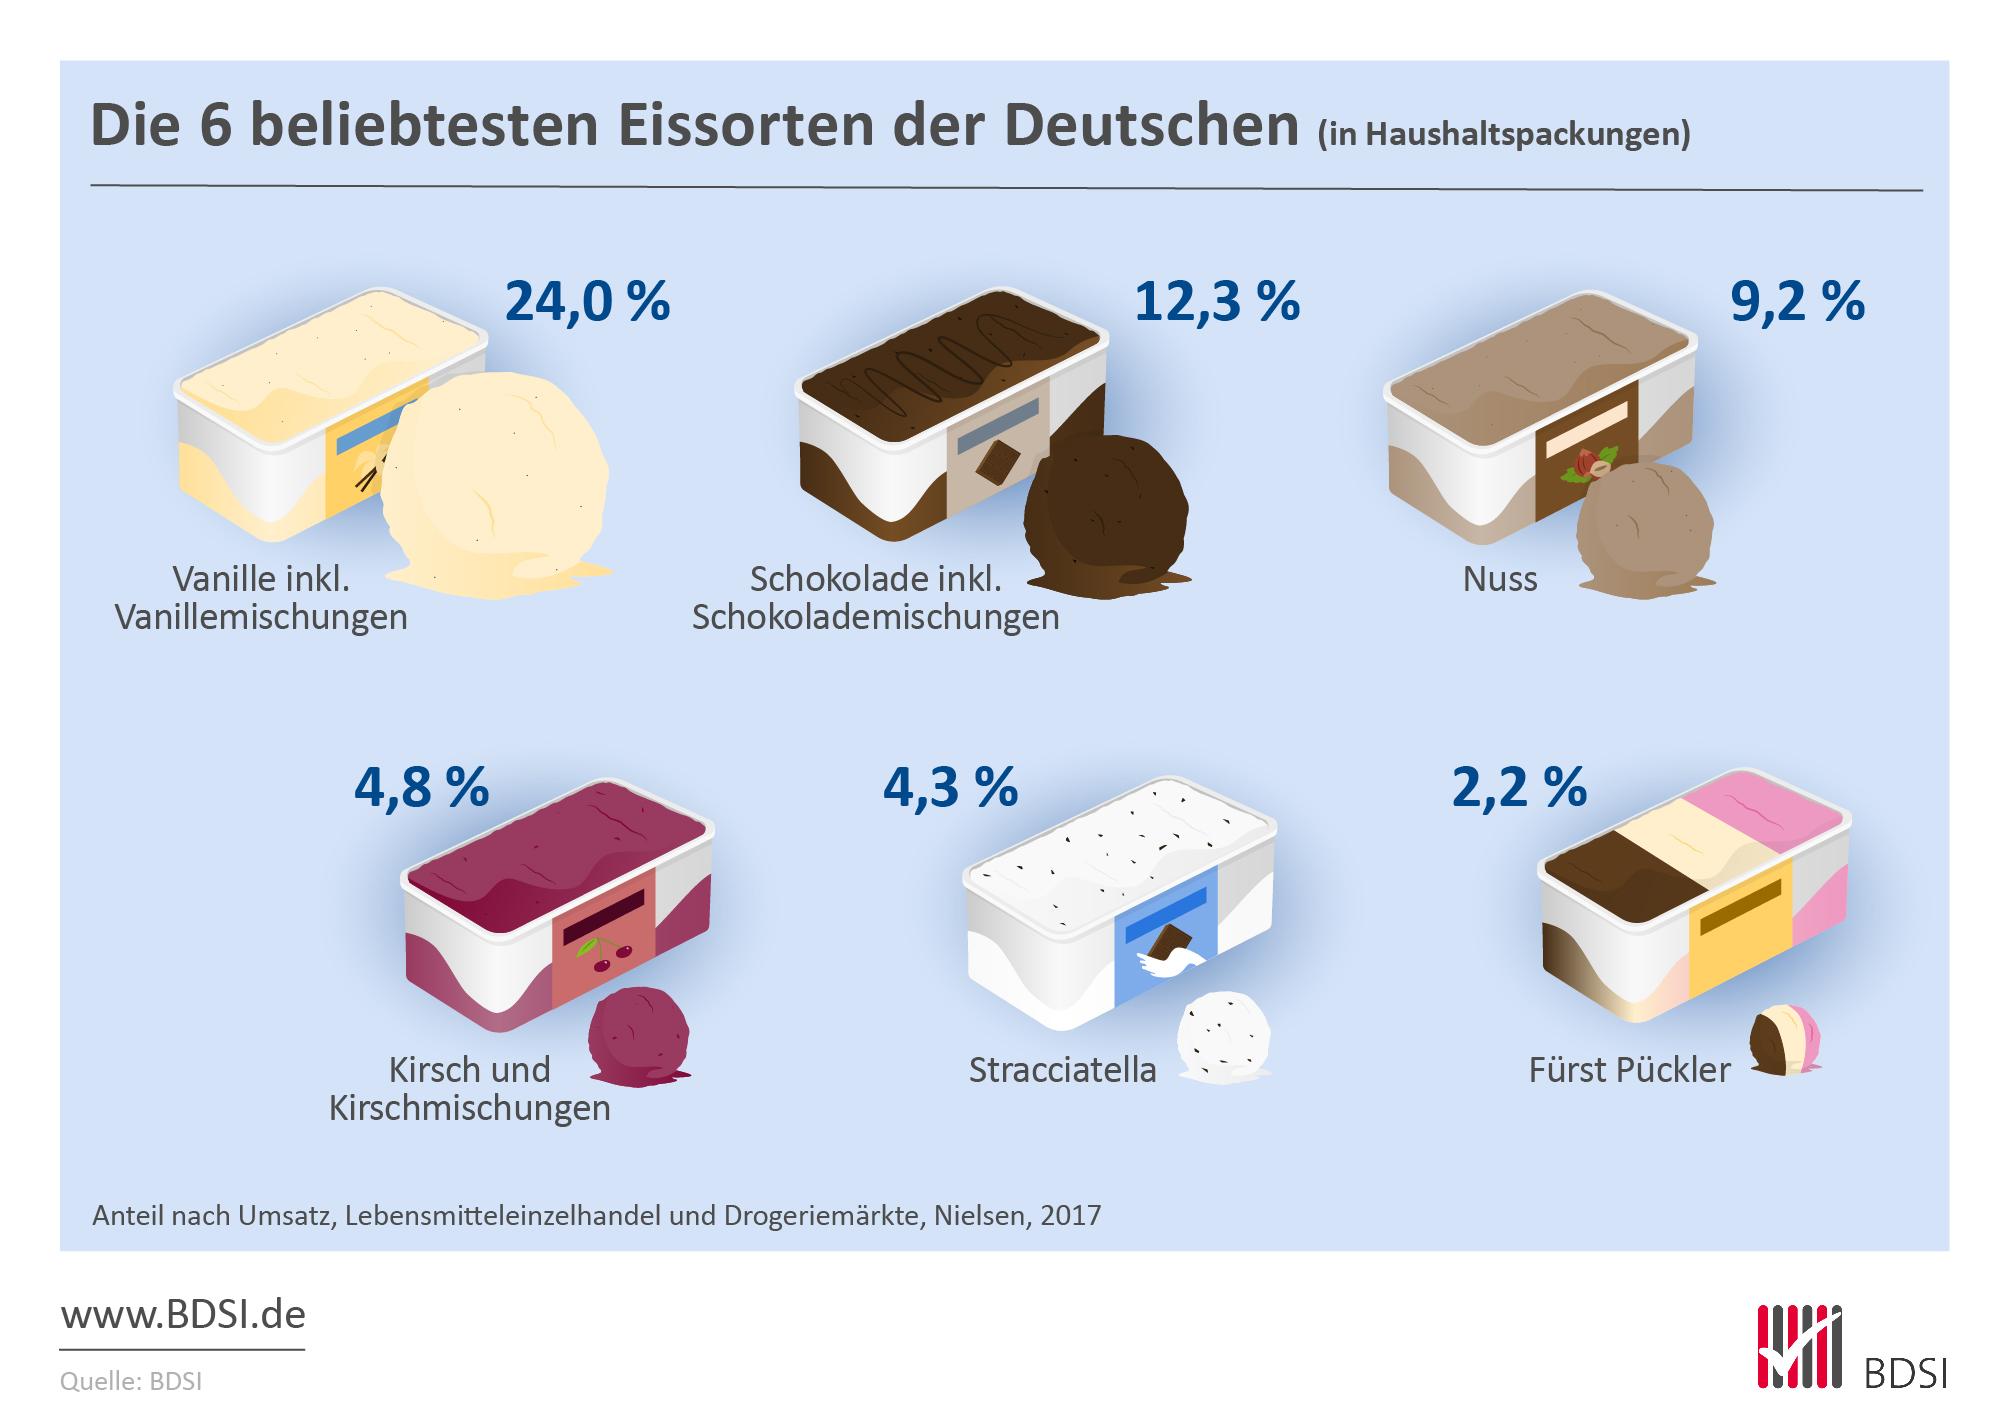 die beliebtesten Eissorten der Deutsche